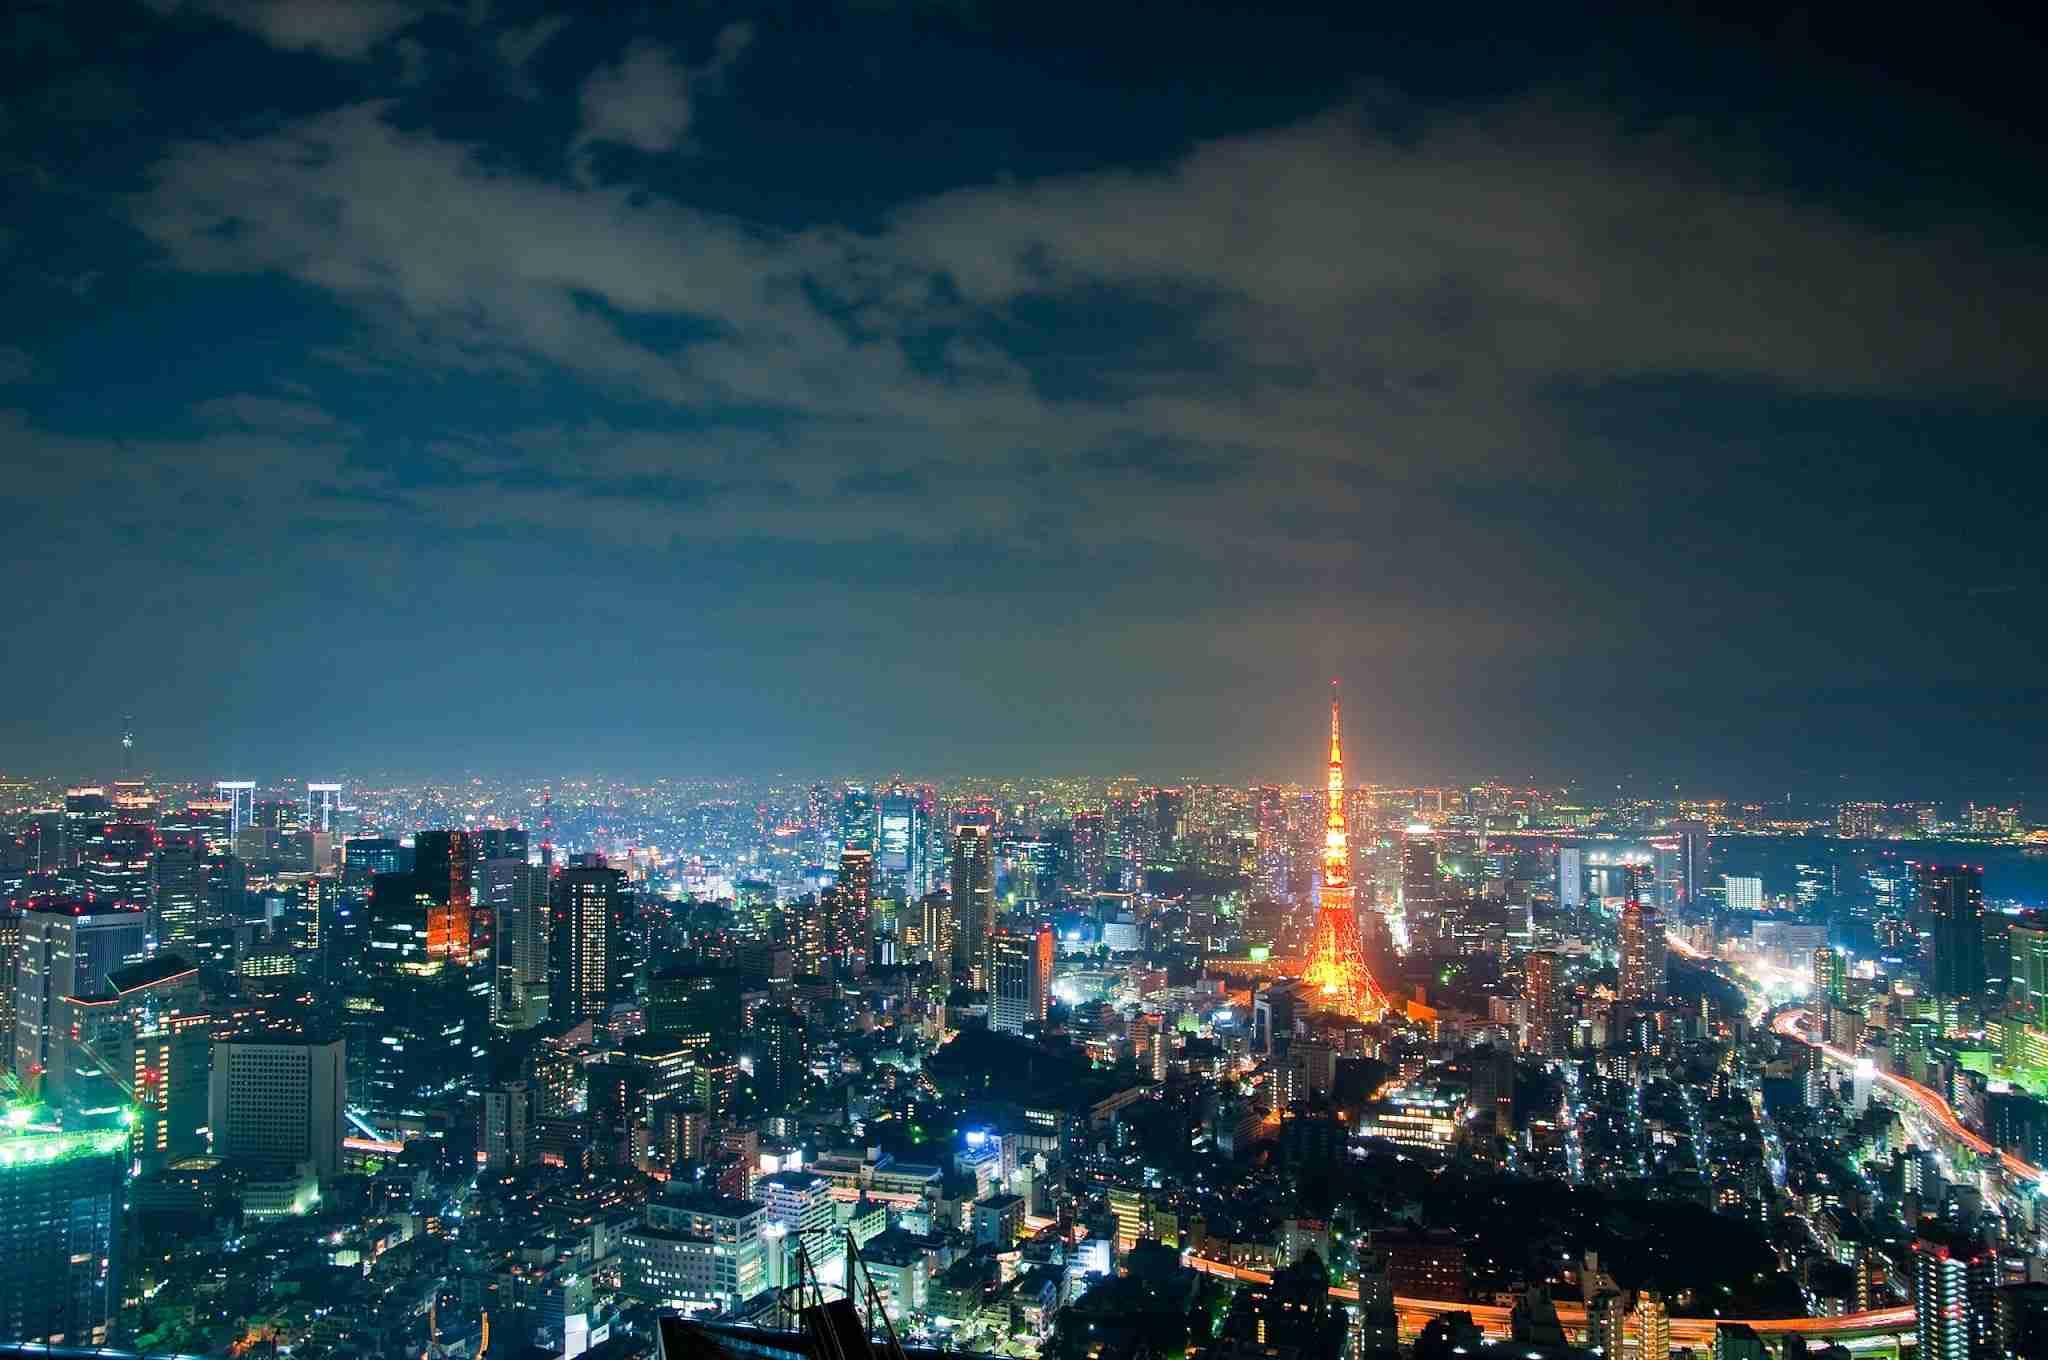 仕事、進学以外の理由で上京した人!